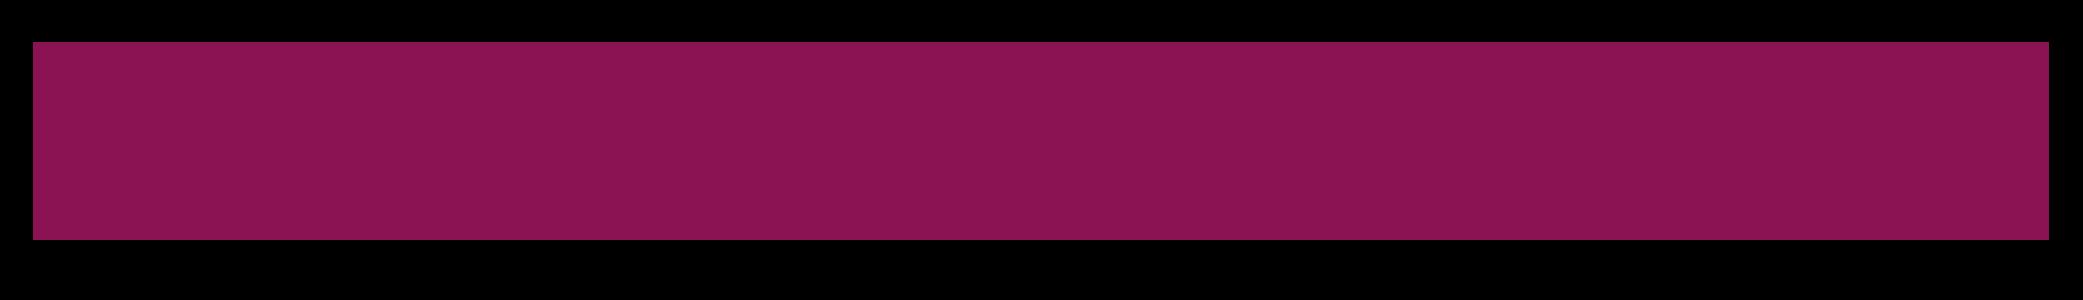 hosting logos.png